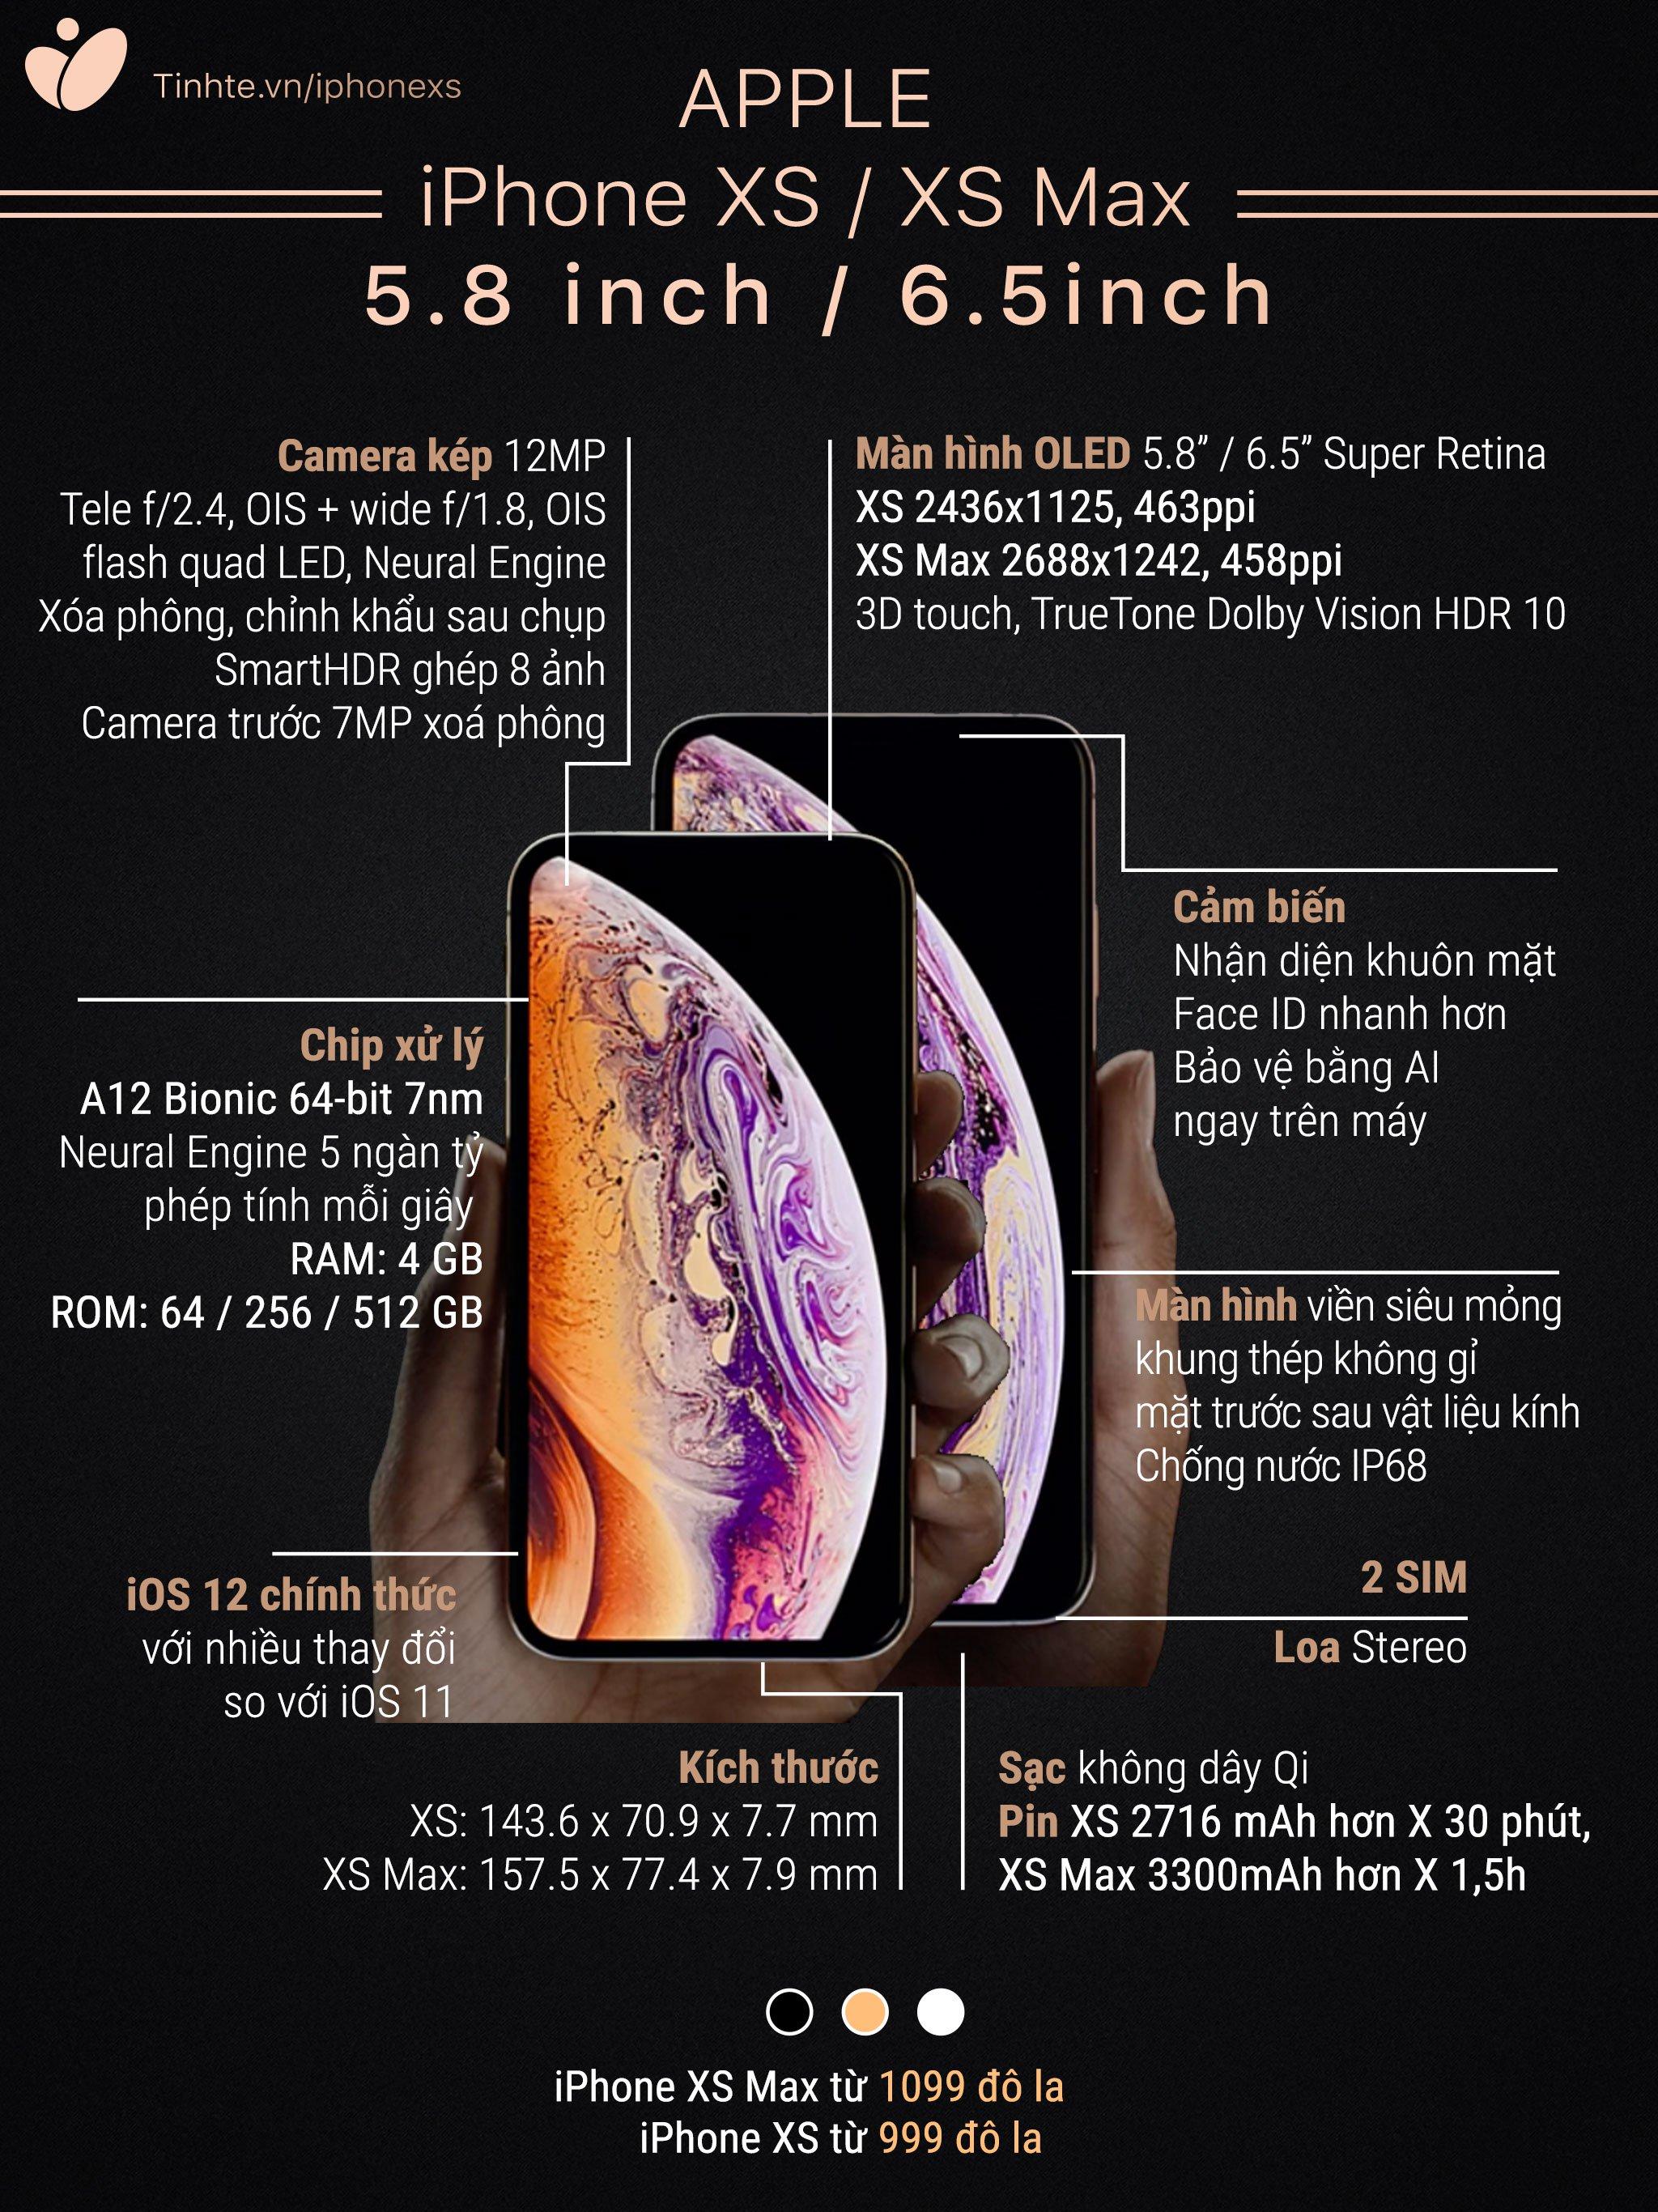 Một số thông tin của iPhone XS / XS Max